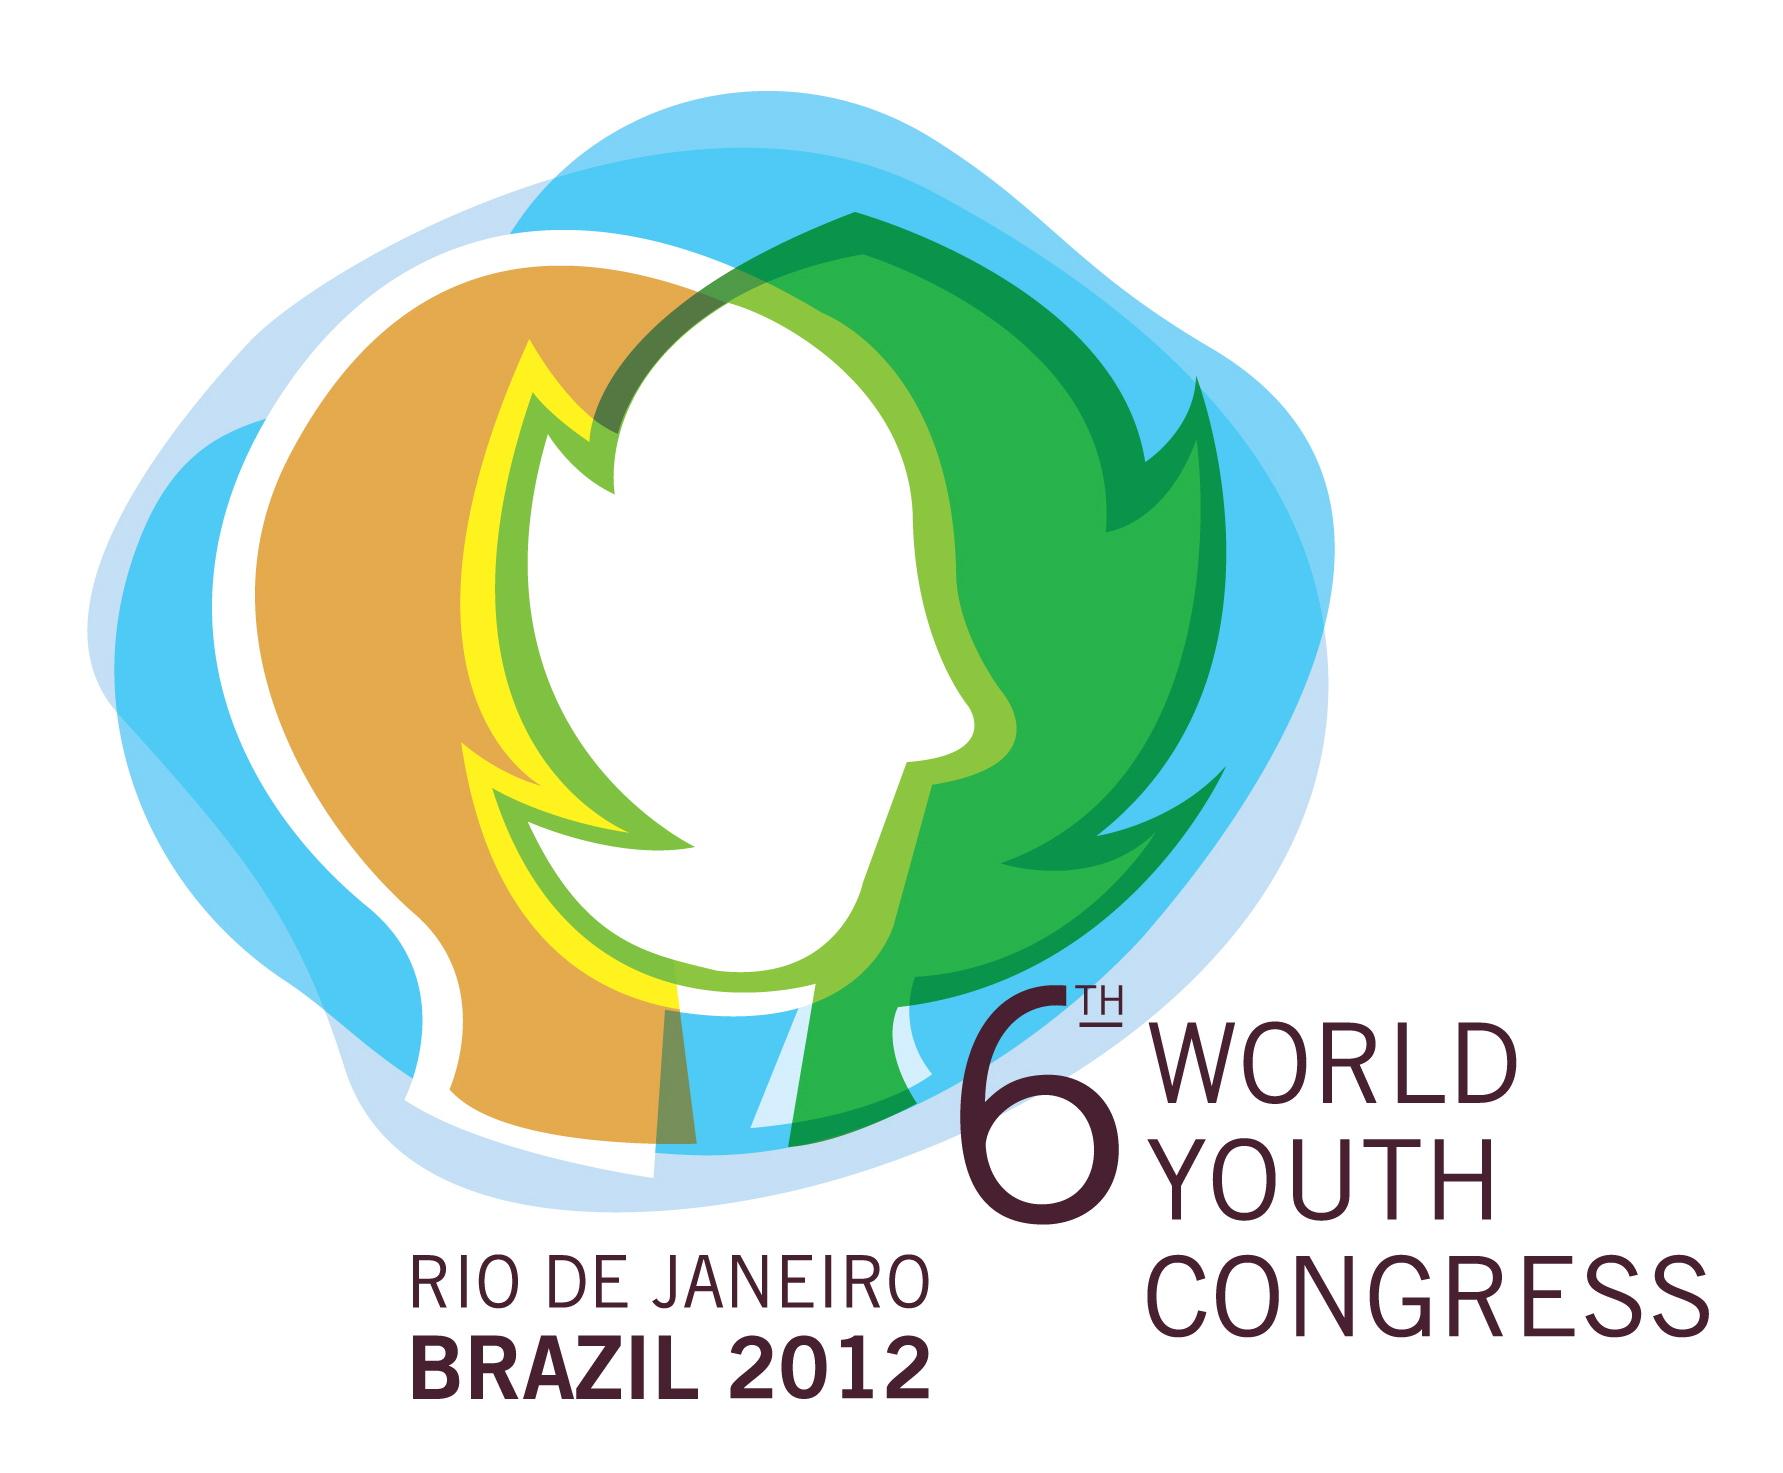 Prorrogadas as inscrições de voluntários do Congresso Mundial de Juventude